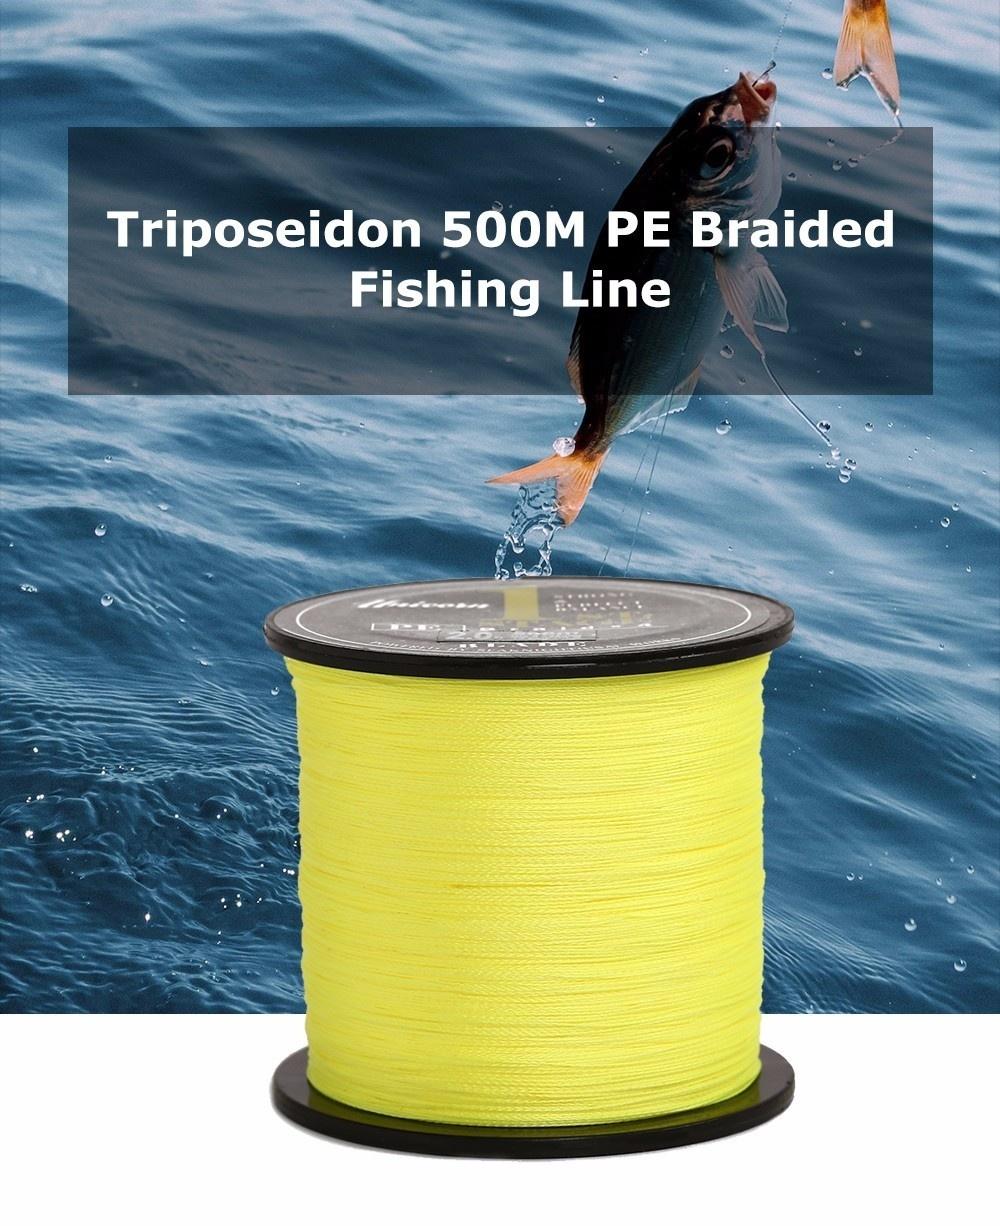 Triposeidon 500M 8 - 60 LB Good Quality PE Braided Fishing Line